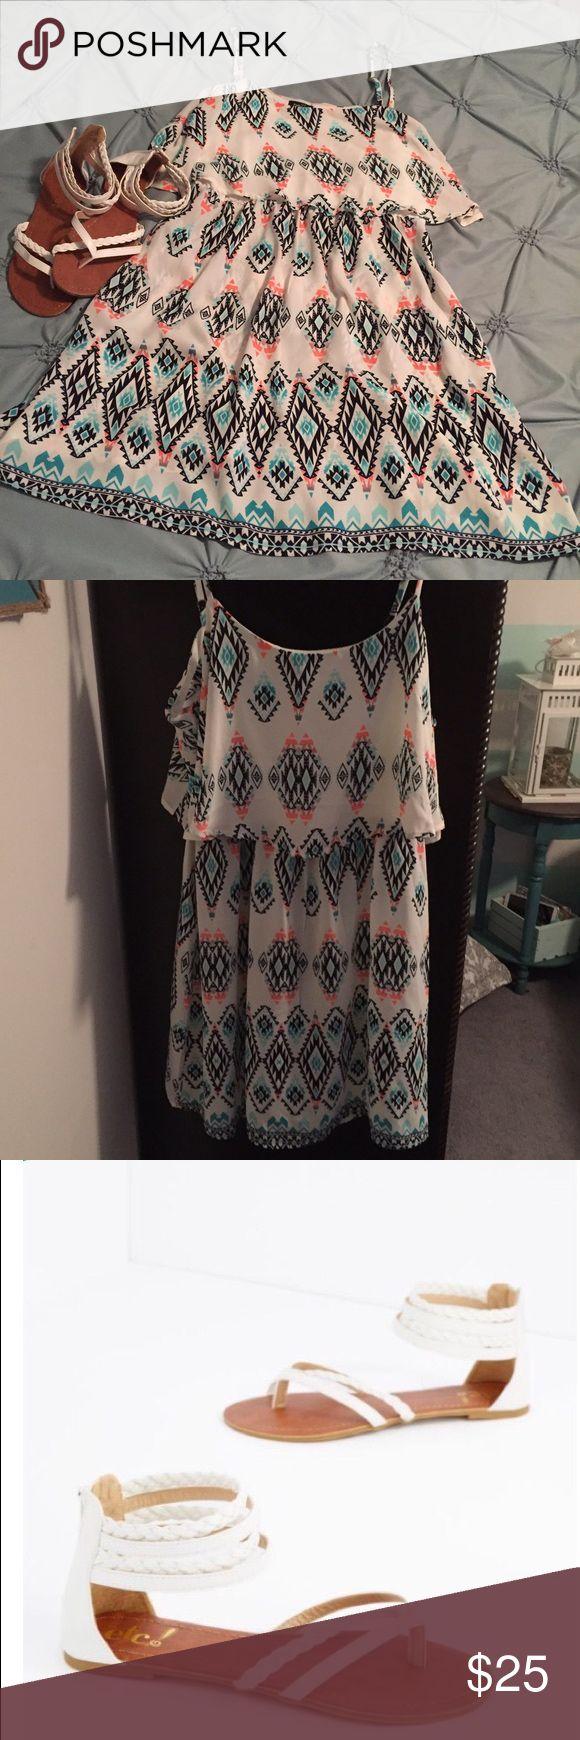 Adorable Dress w/ Sandals Adorable Dress w/ Sandals..Dress Size XL NWT - Sandals Size 7-8 NWOT ! Rue 21 Dresses Mini